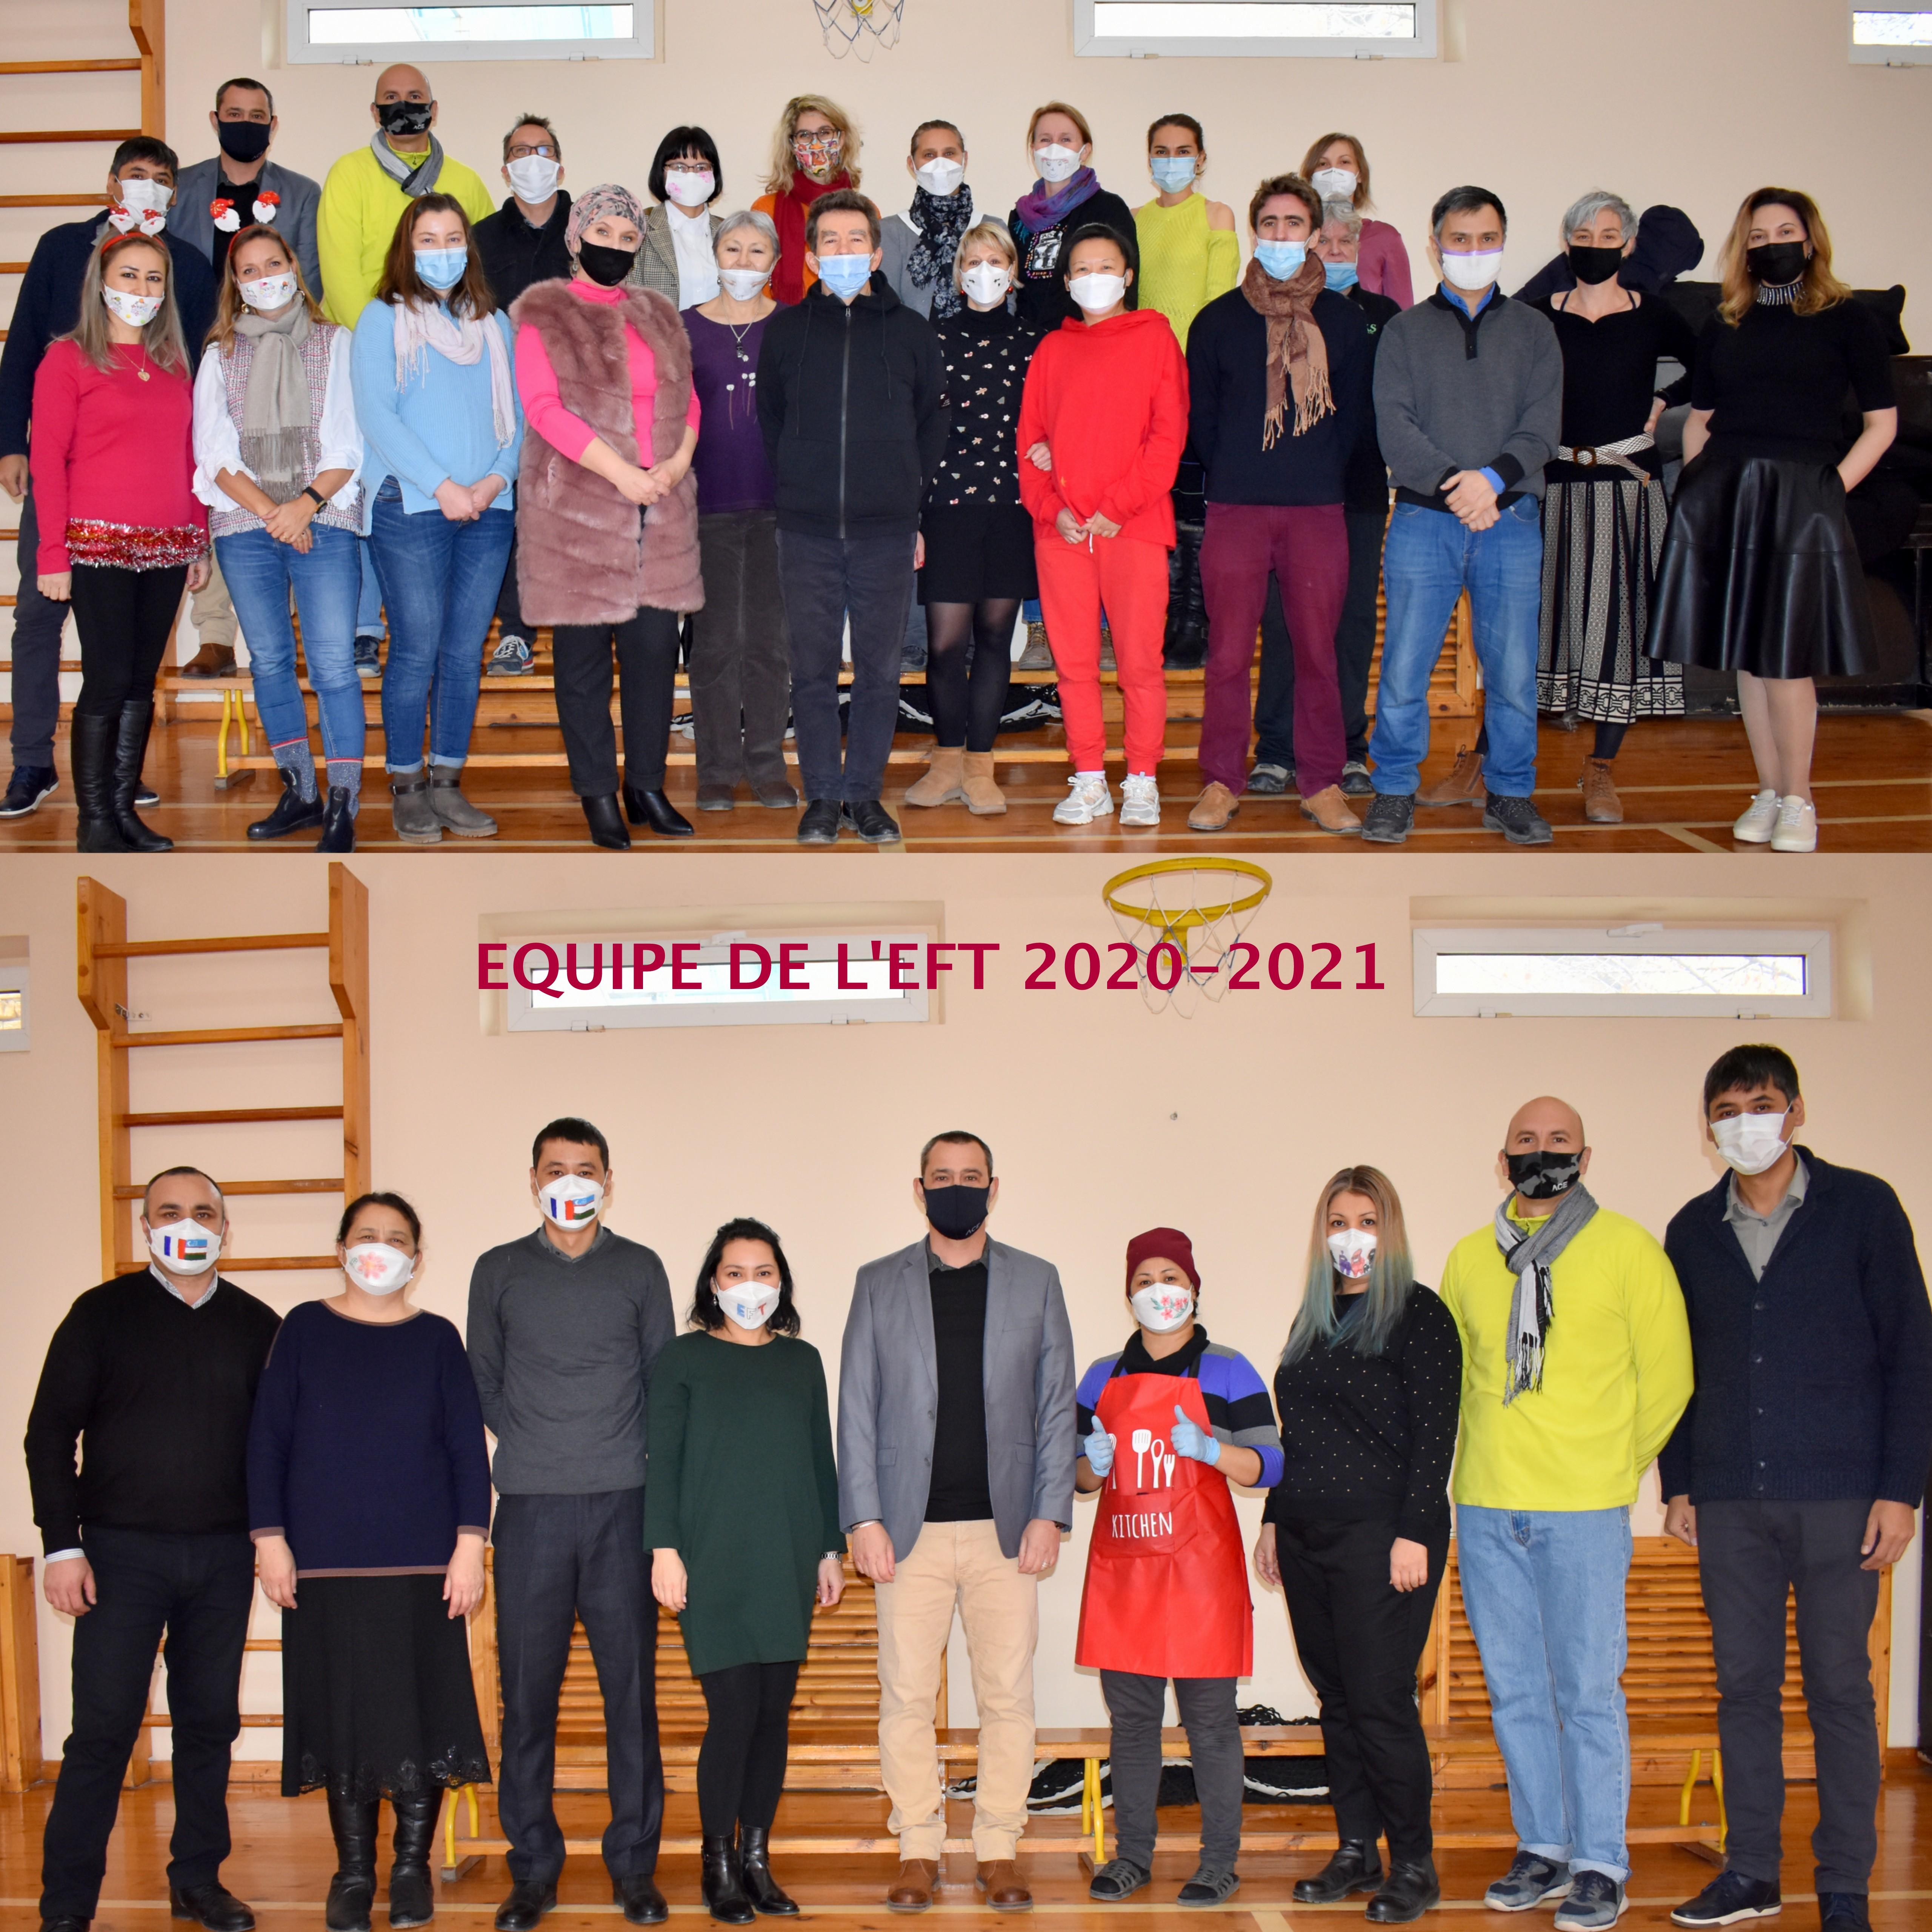 команда французскaя школa узбекистана